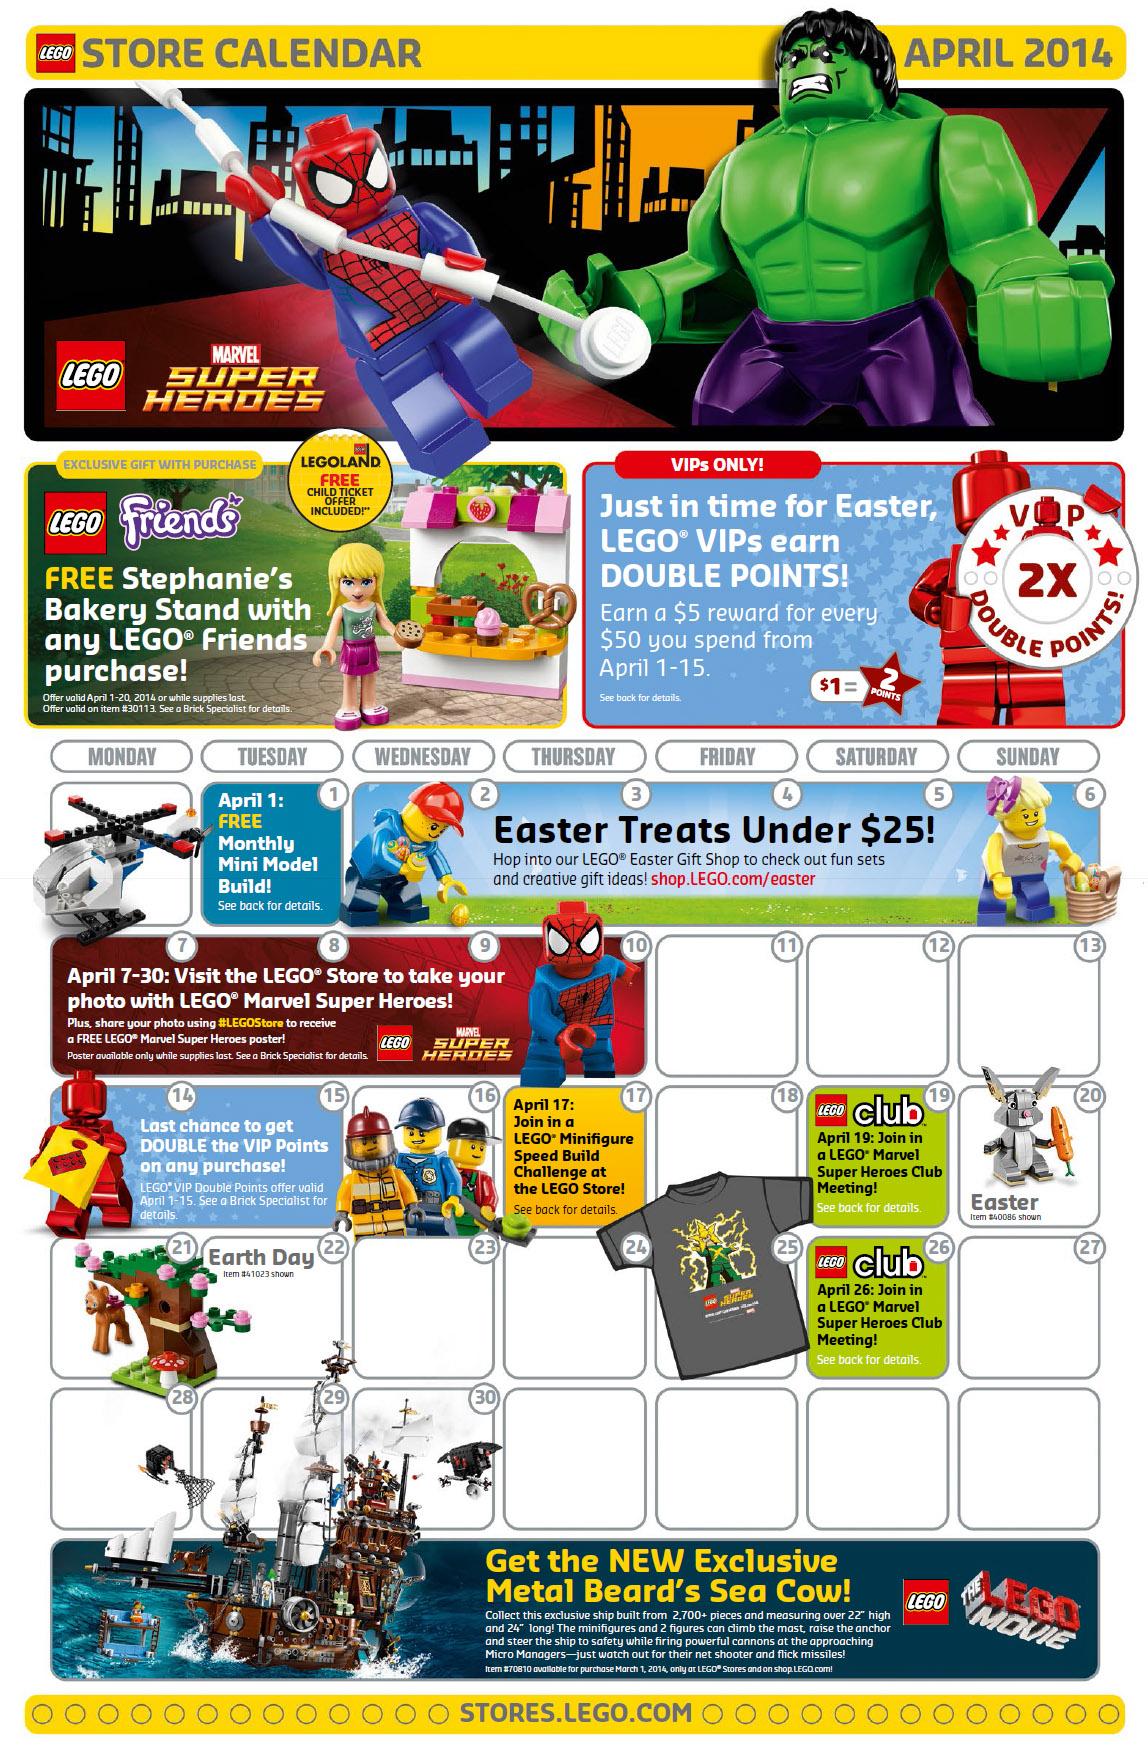 Calendar Lego June : Lego store april calendar promos sales events